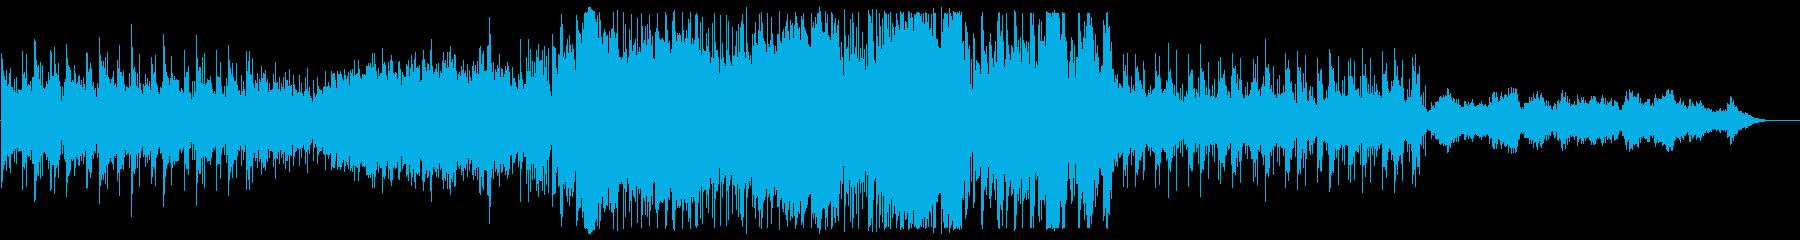 ゆっくりした壮大なオーケストラの曲の再生済みの波形